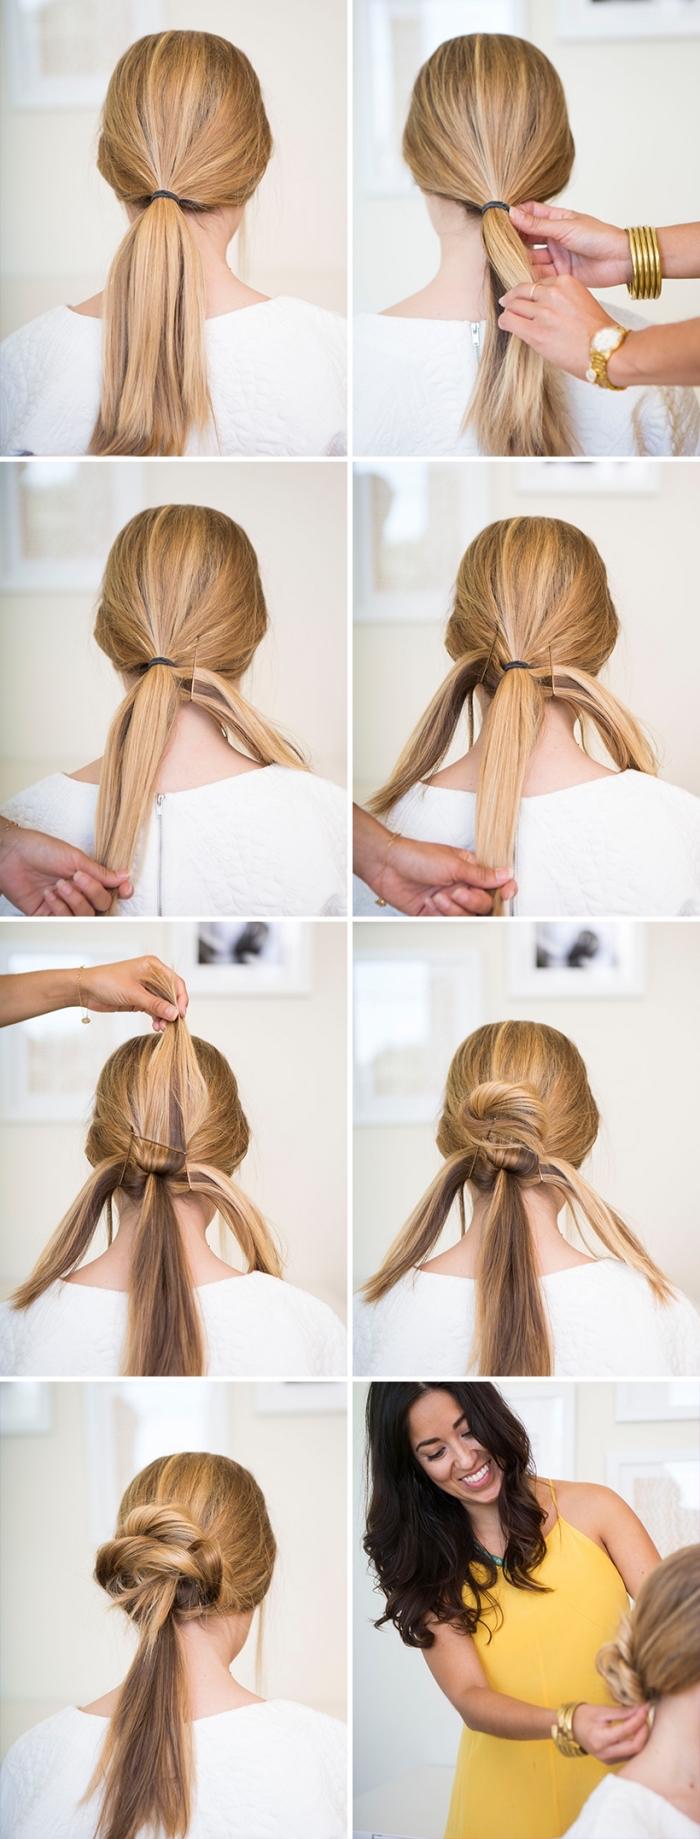 idée coiffure cheveux long, tuto coiffure pour faire un chignon bas volumineux à partir de trois queues de cheval